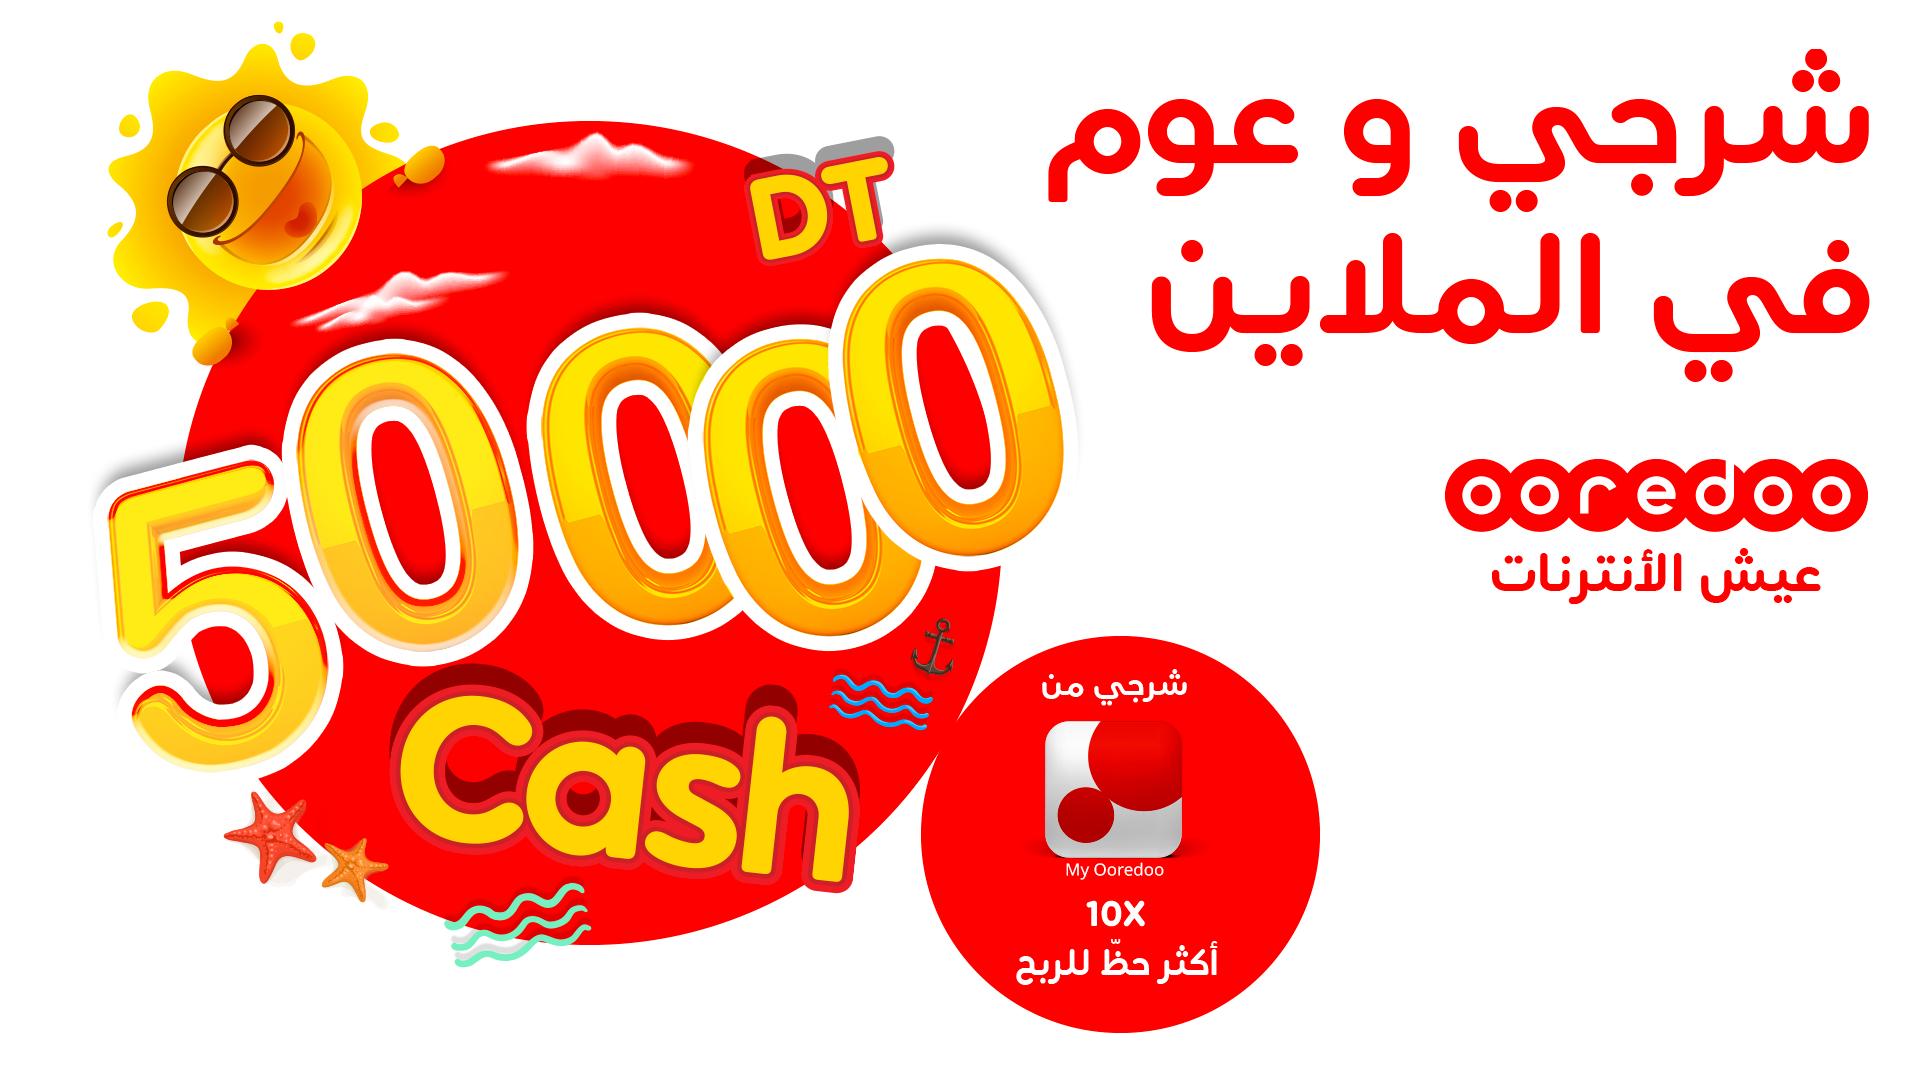 Jeu été 2021 by Ooredoo : 50 000 DT CASH sont mis en Jeu !